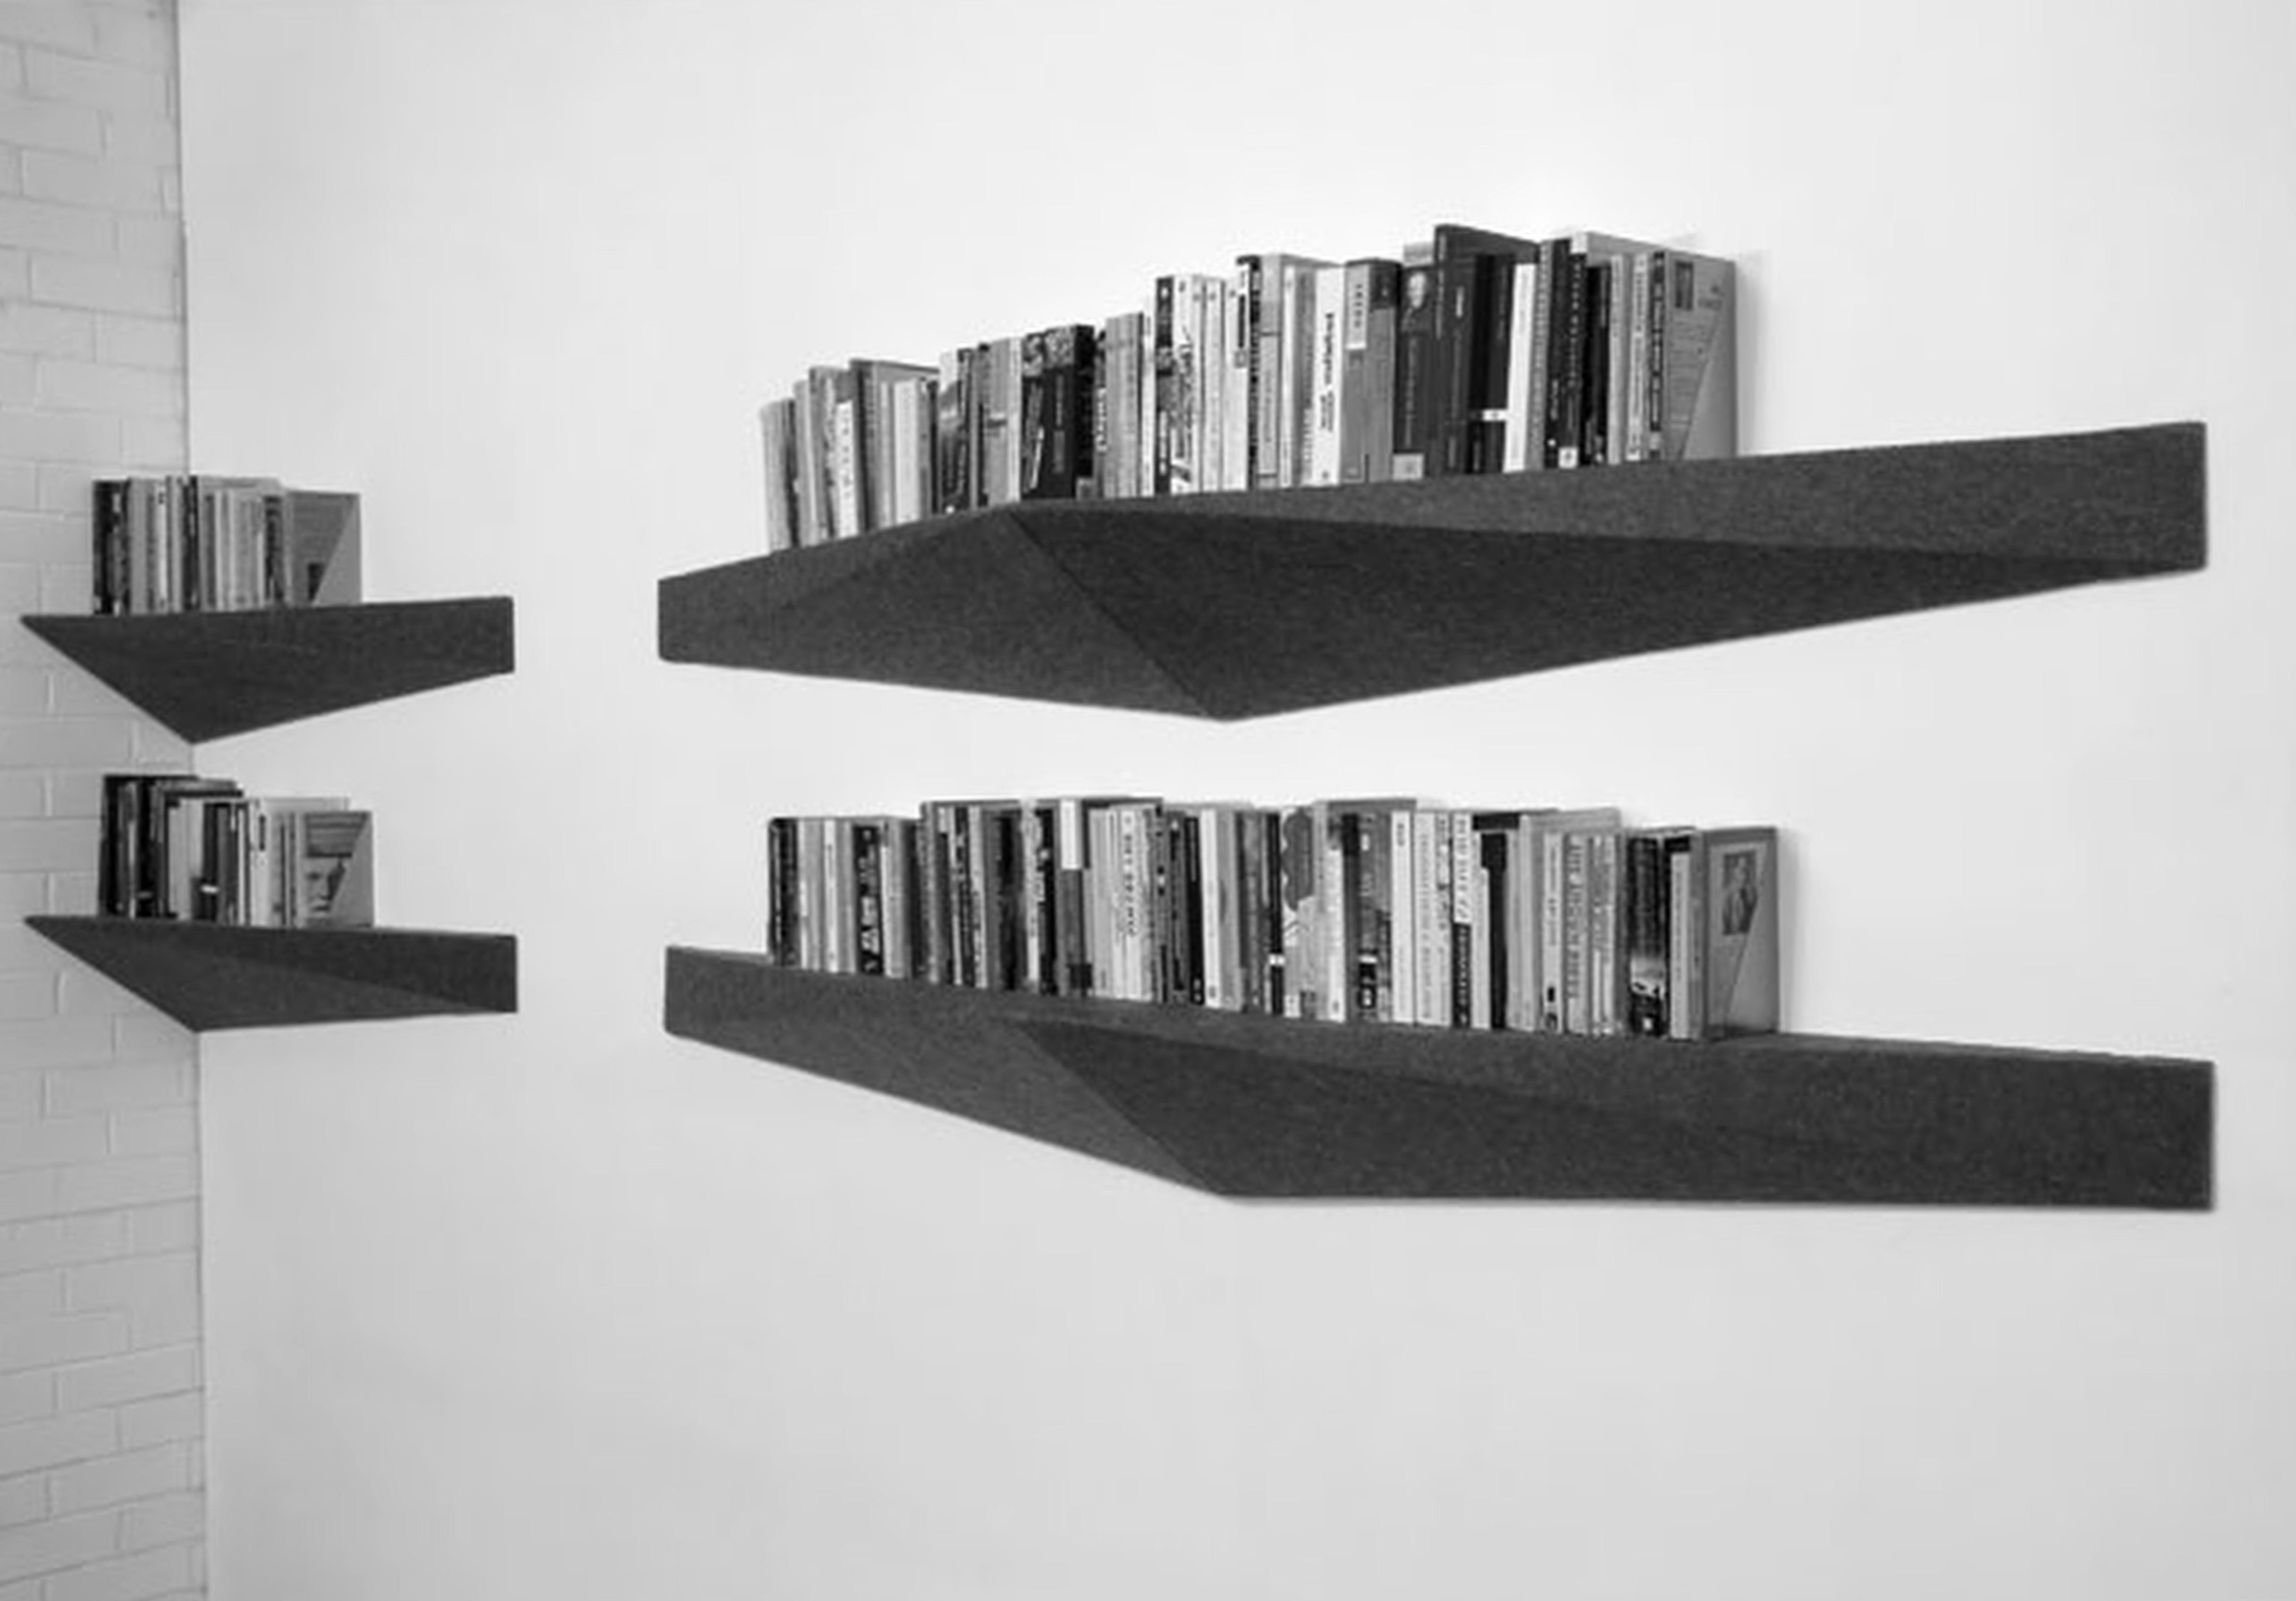 Wall Mounted Book Shelf Units